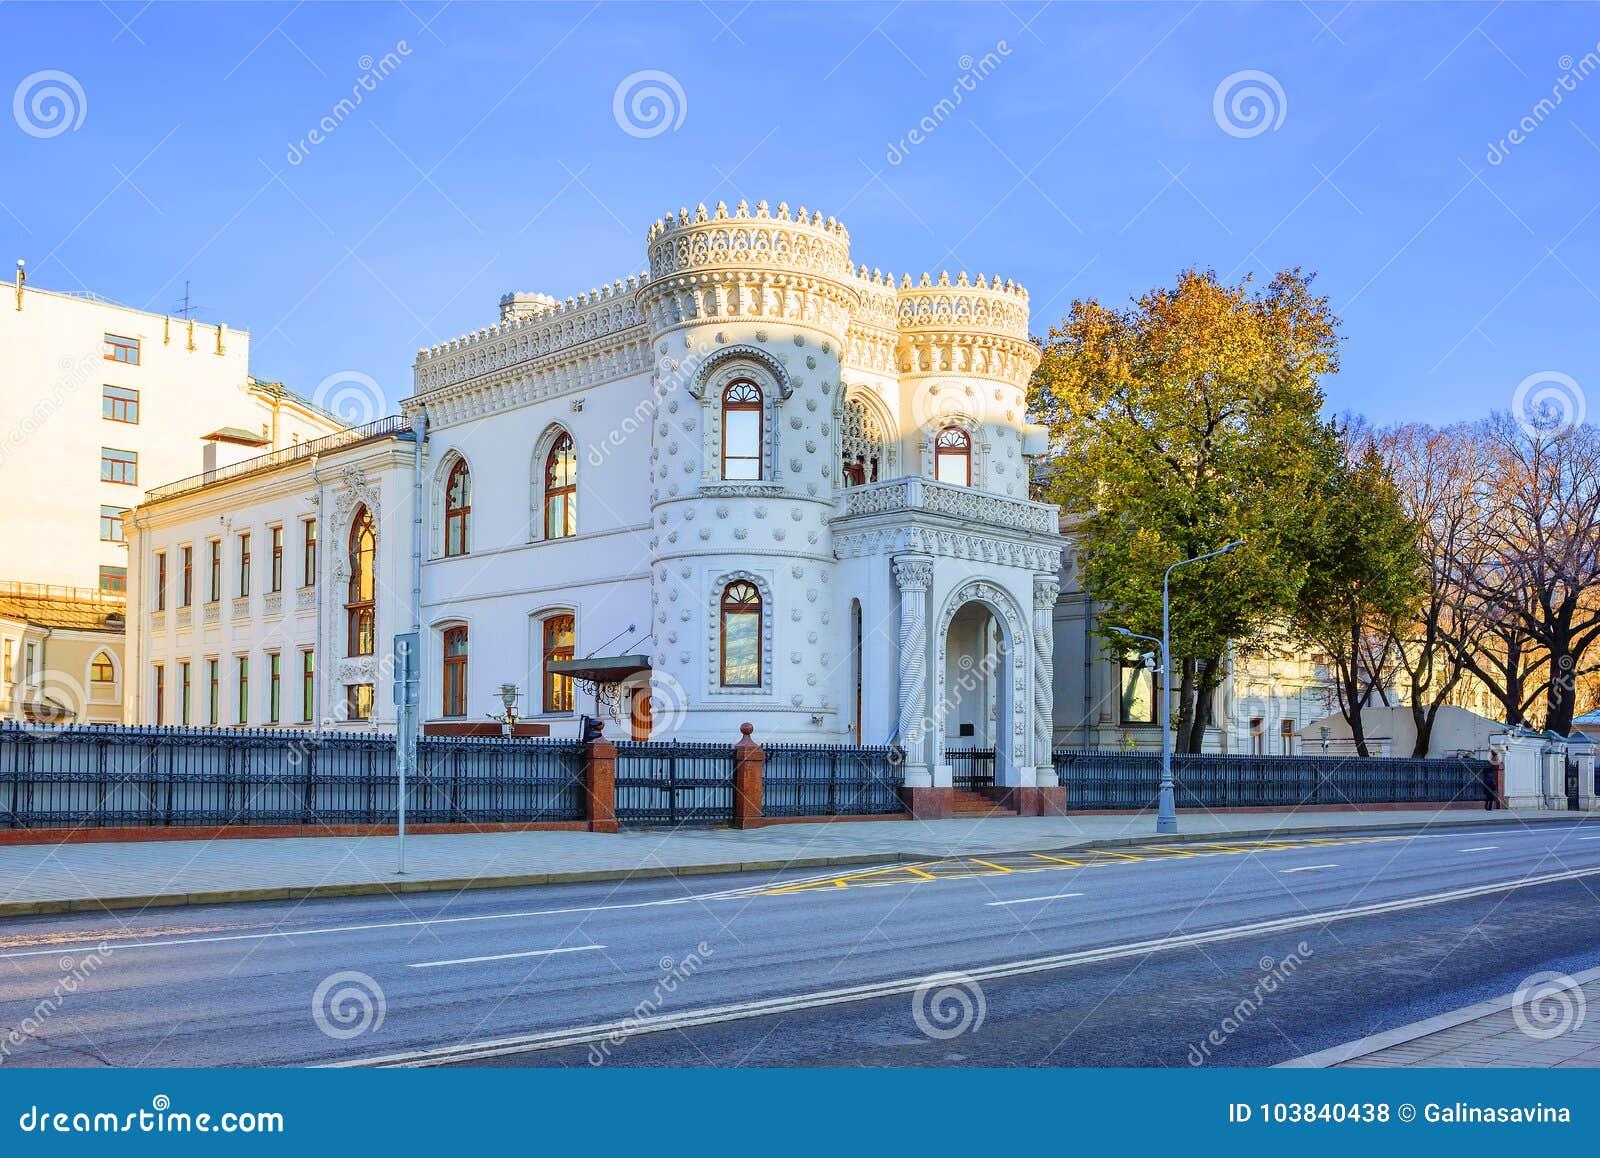 Moscou La Maison De L Amitie Avec Des Peuples Des Pays Etrangers Photo Stock Image Du Espagnol Moderne 103840438